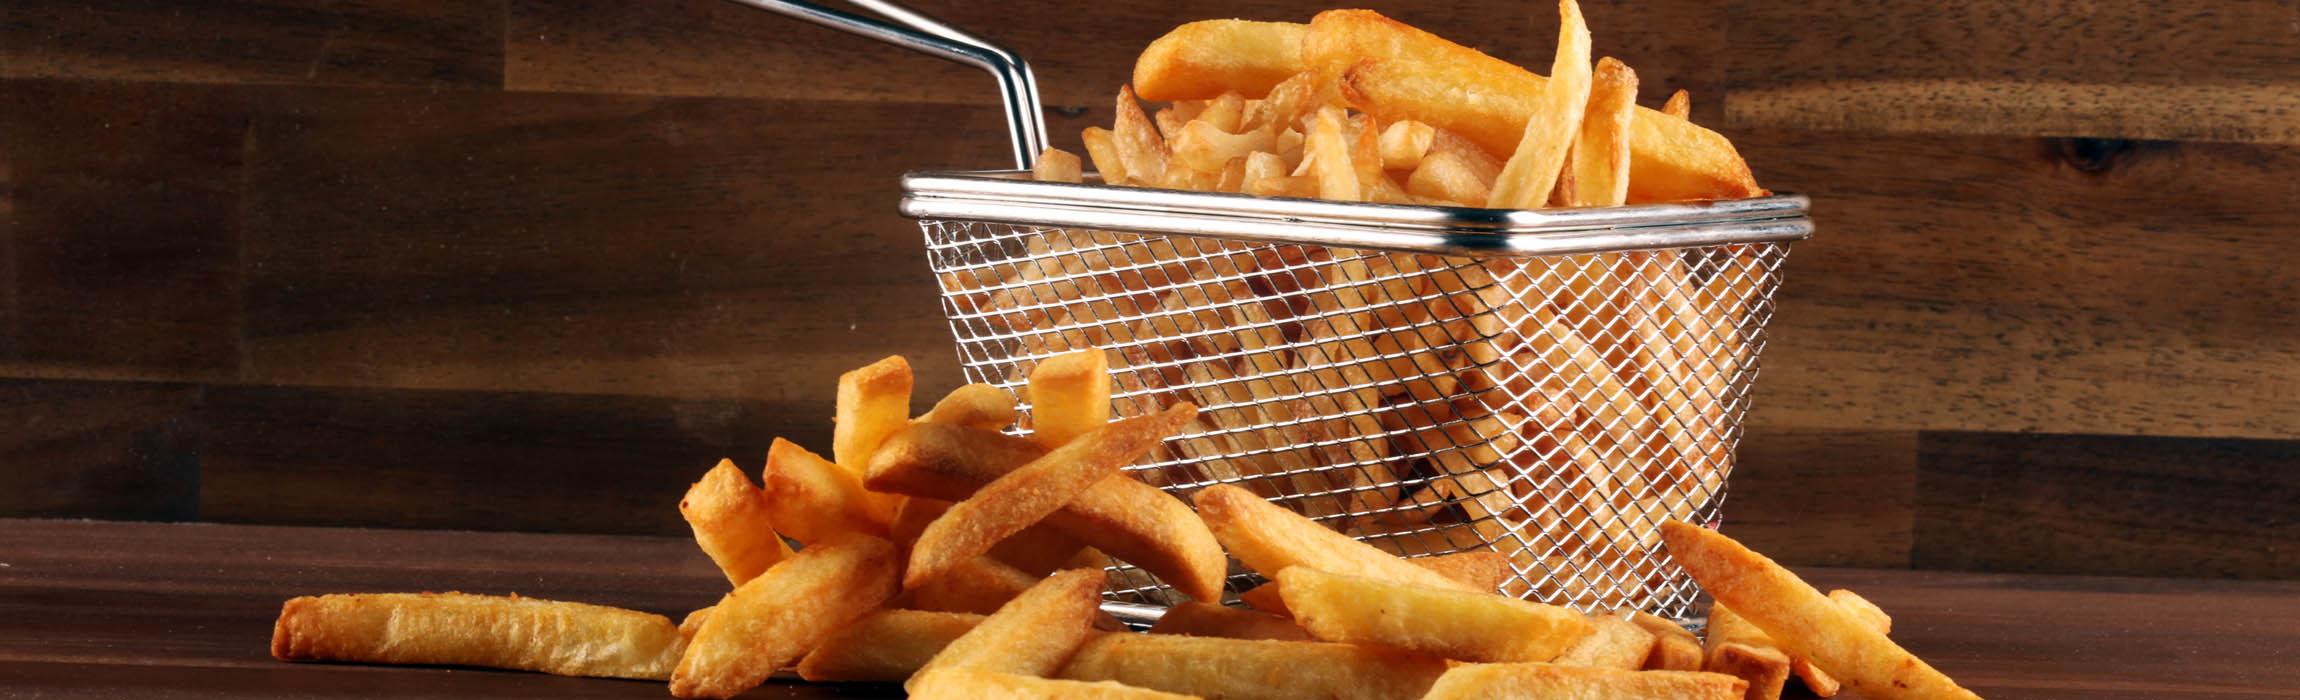 Energy-efficient unit load conveyors for frozen potato products.